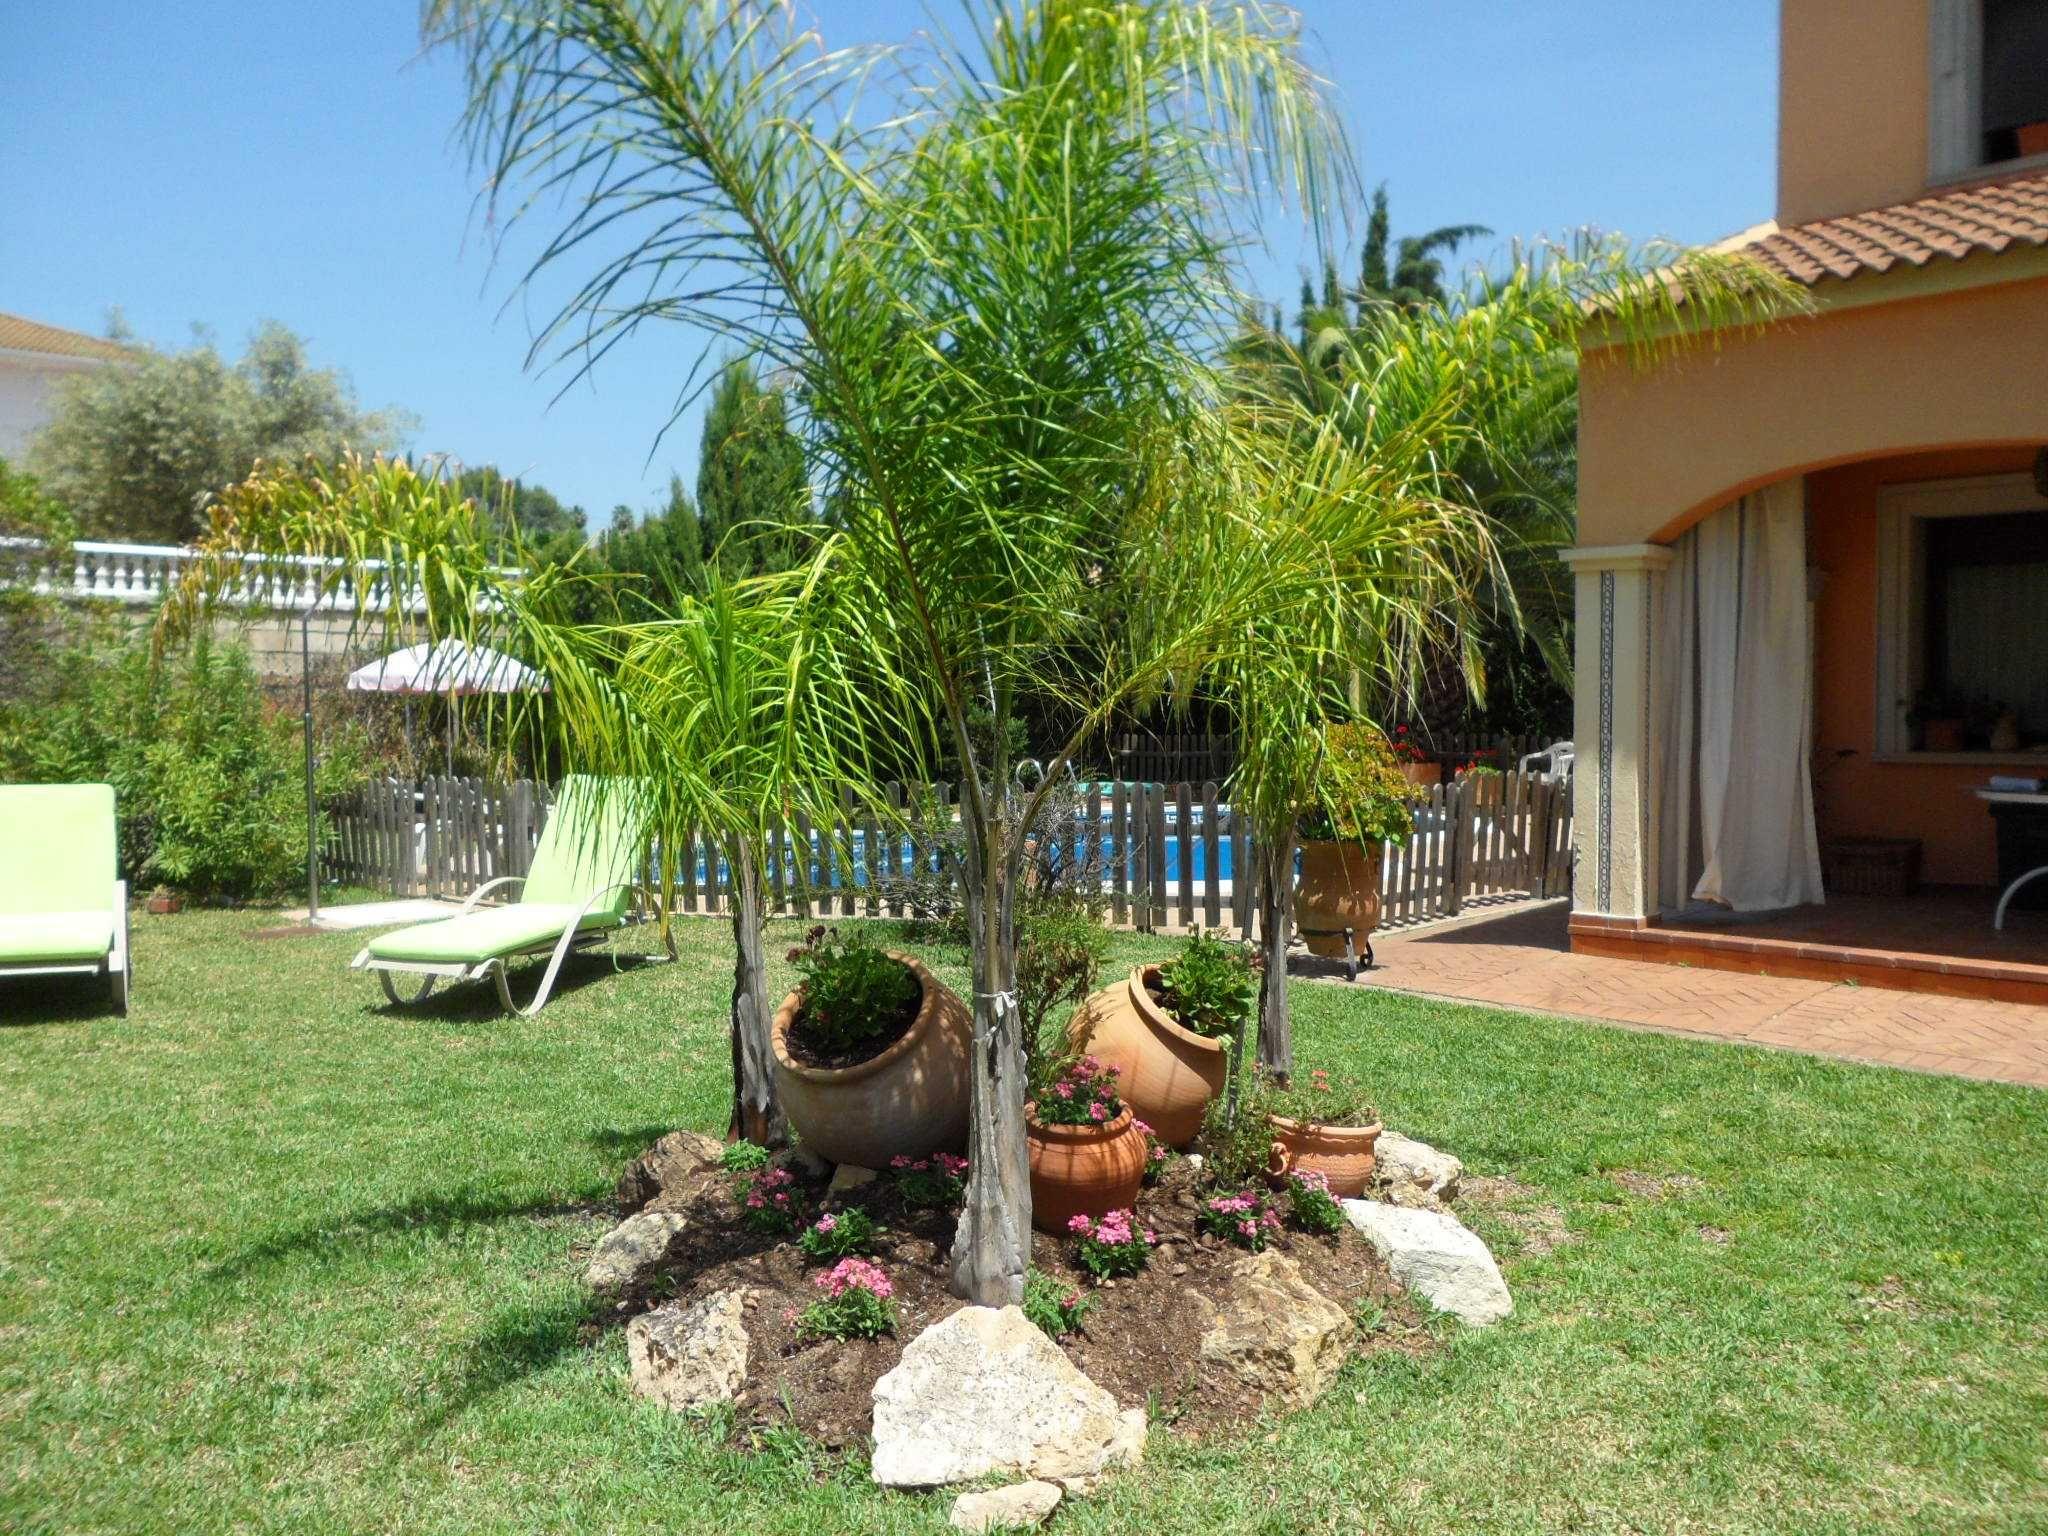 Jardines caseros con encanto ideas modelos bonitos for Jardines con encanto fotos